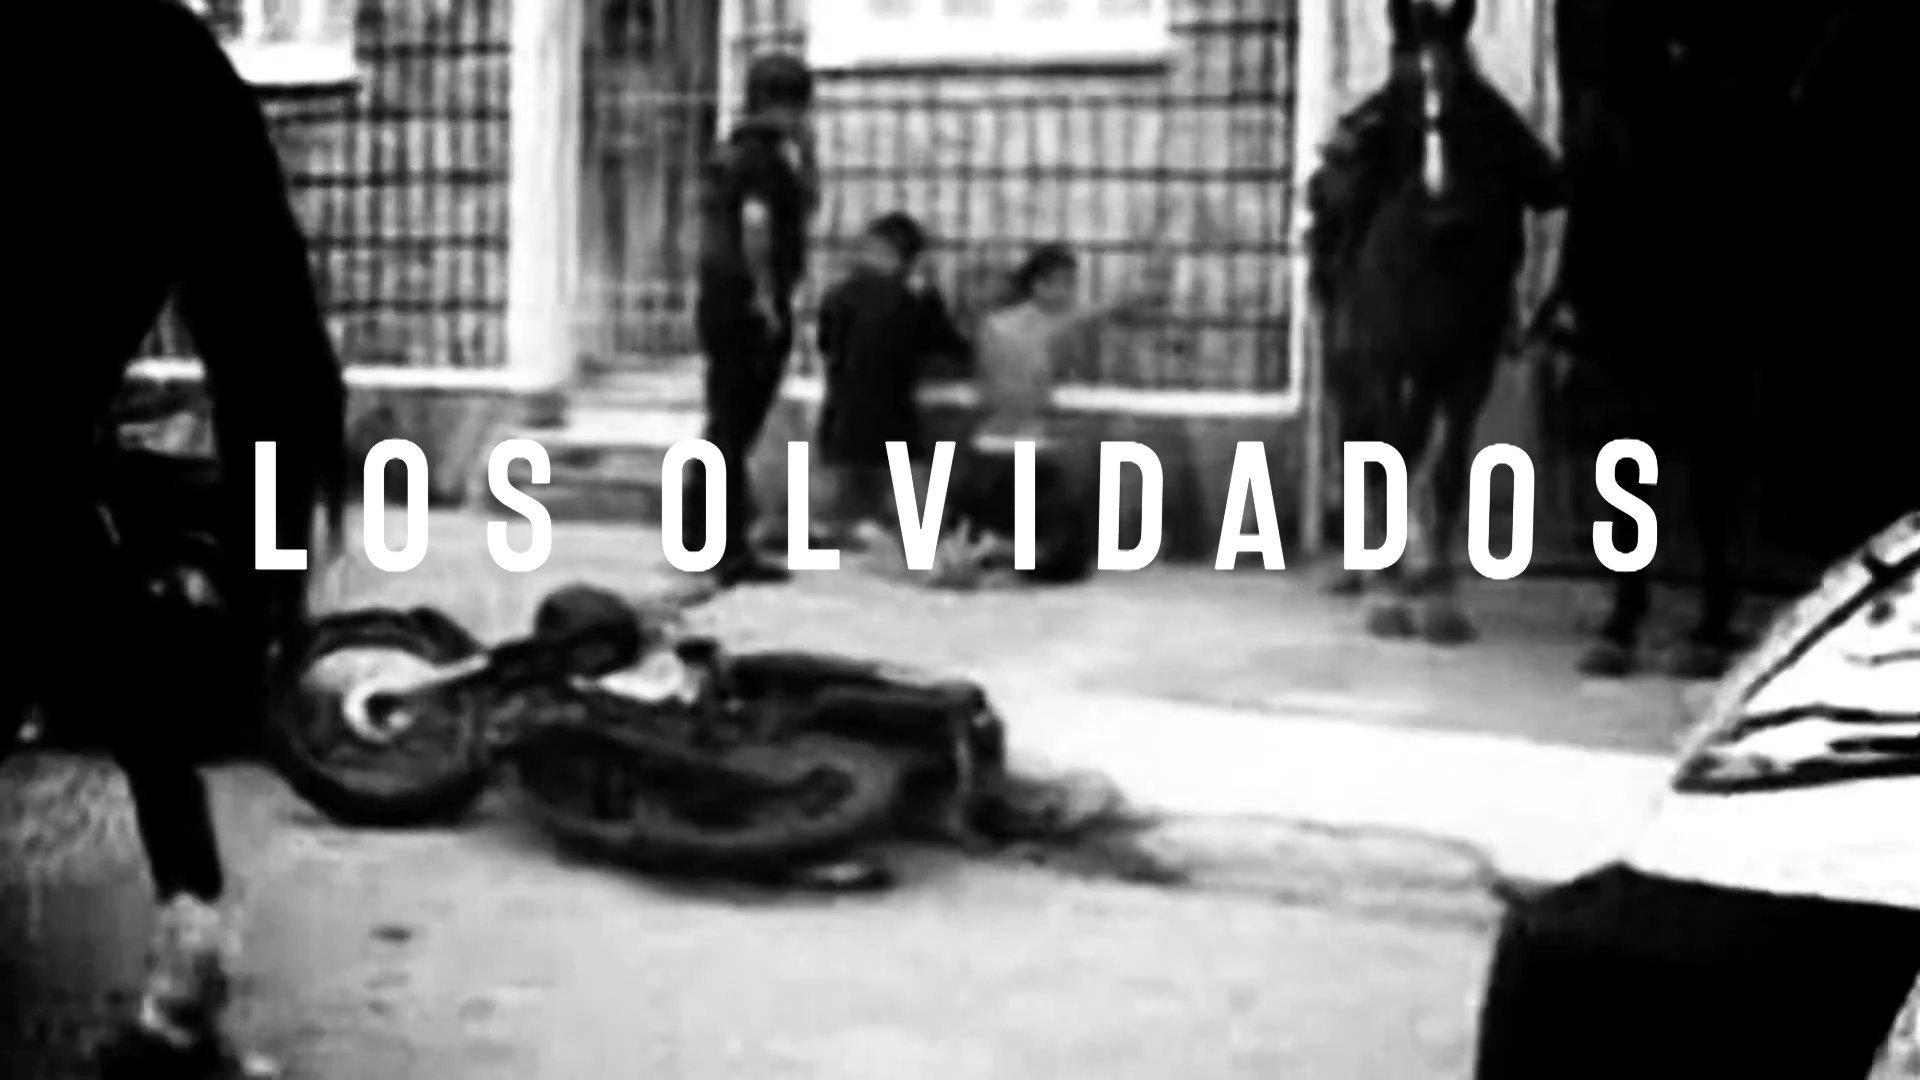 Captura de pantalla del film Los Olvidados, que aborda la problemática que enfrentan los vecinos del barrio Marconi